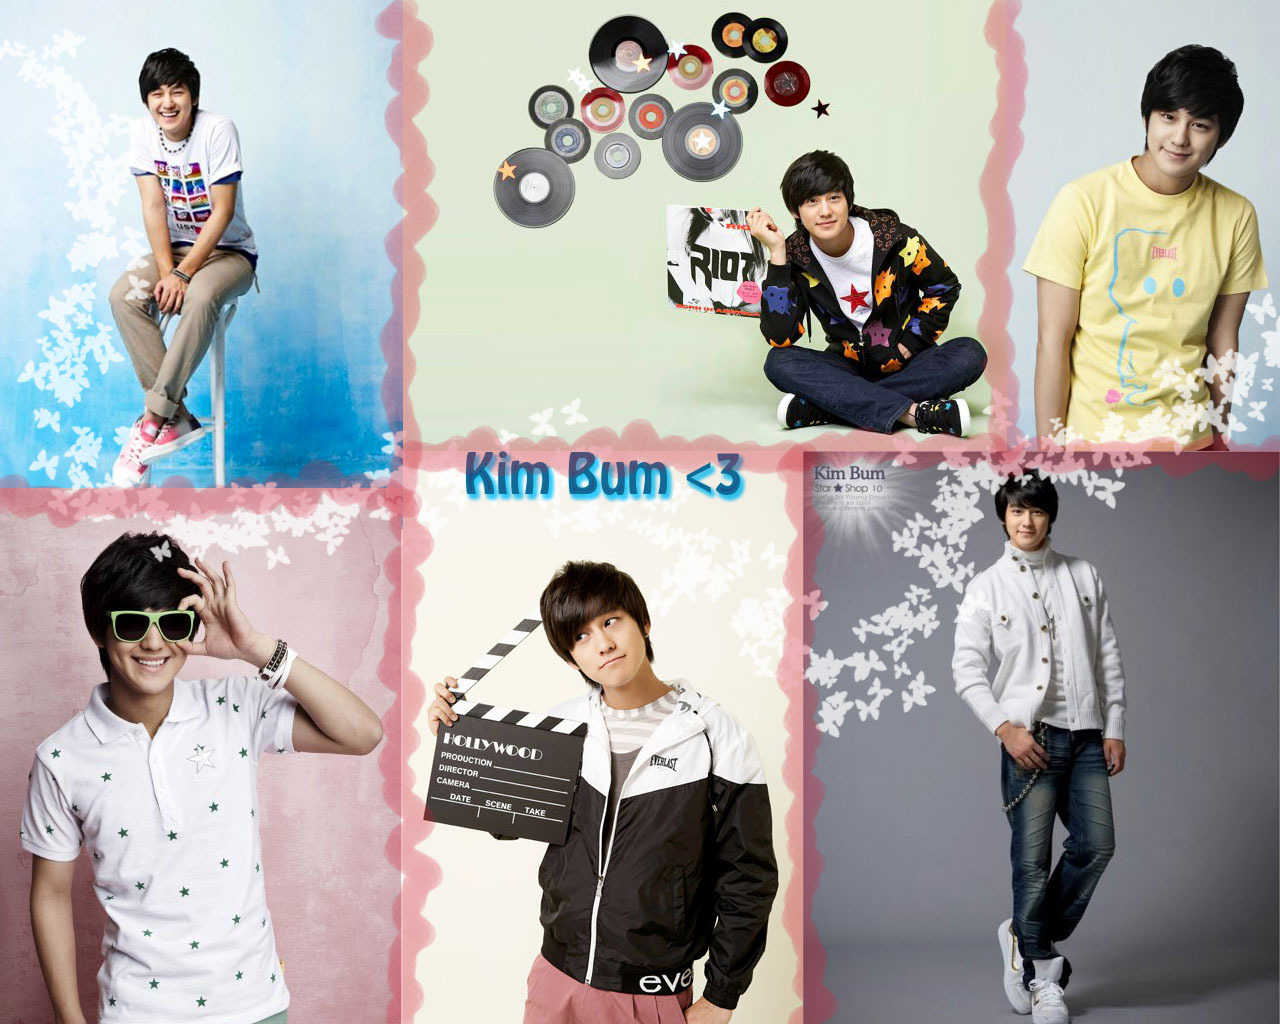 http://2.bp.blogspot.com/_BJt0Ce8udIw/SxTlh23I45I/AAAAAAAAACM/VncNXvhiB6Q/s1600/Kim-Bum-Collage-Wallpaper-kim-bum-6251794-1280-1024.jpg